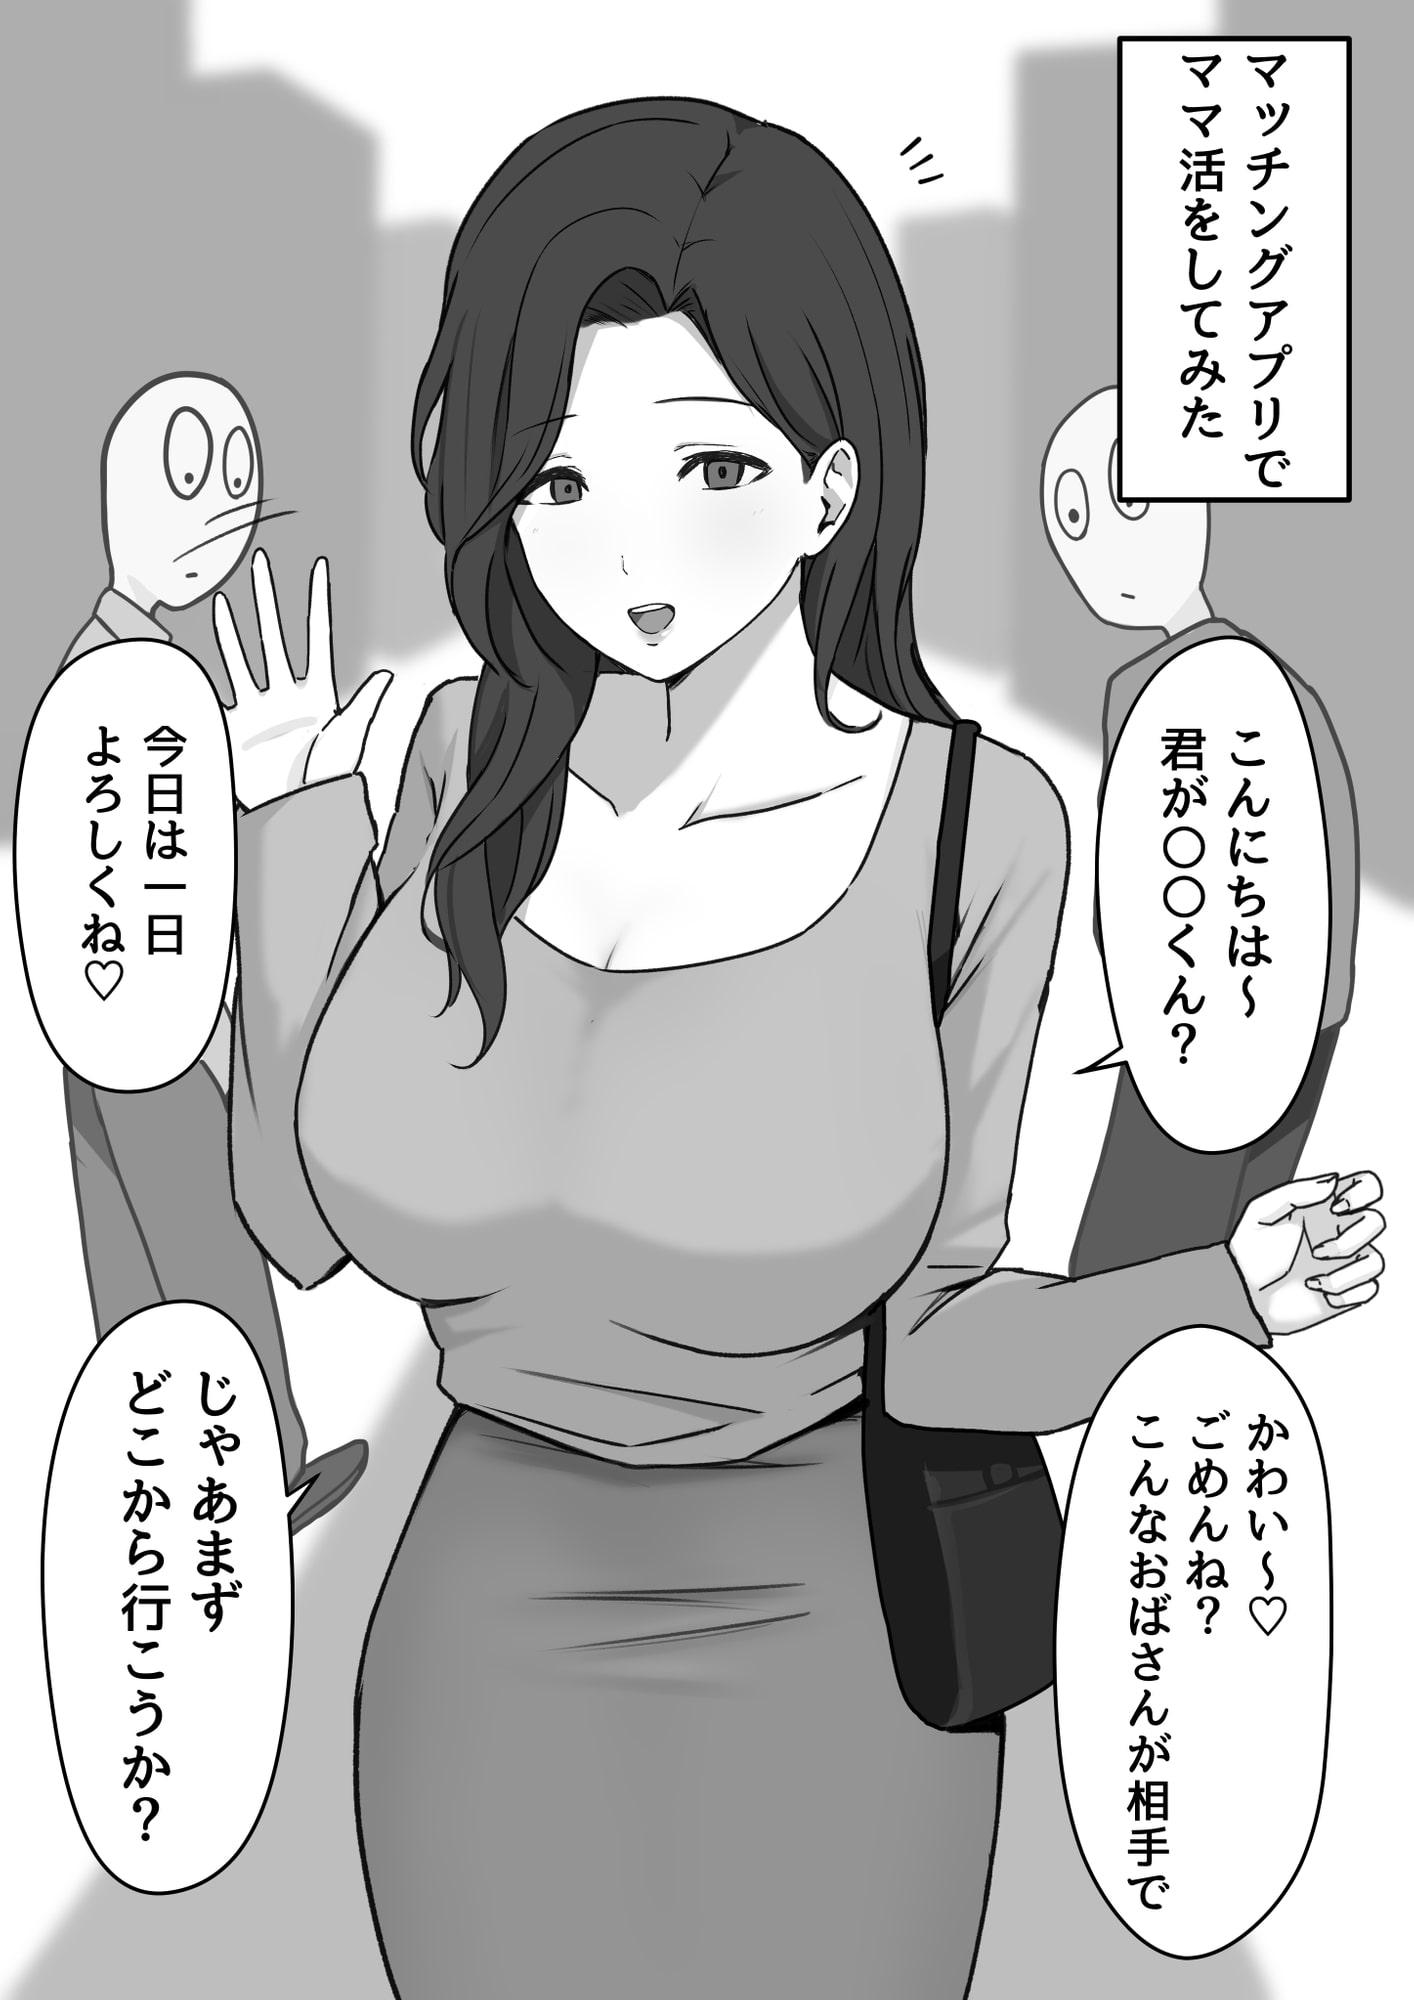 RJ342131 どスケベおねえさんズに搾られる [20210904]